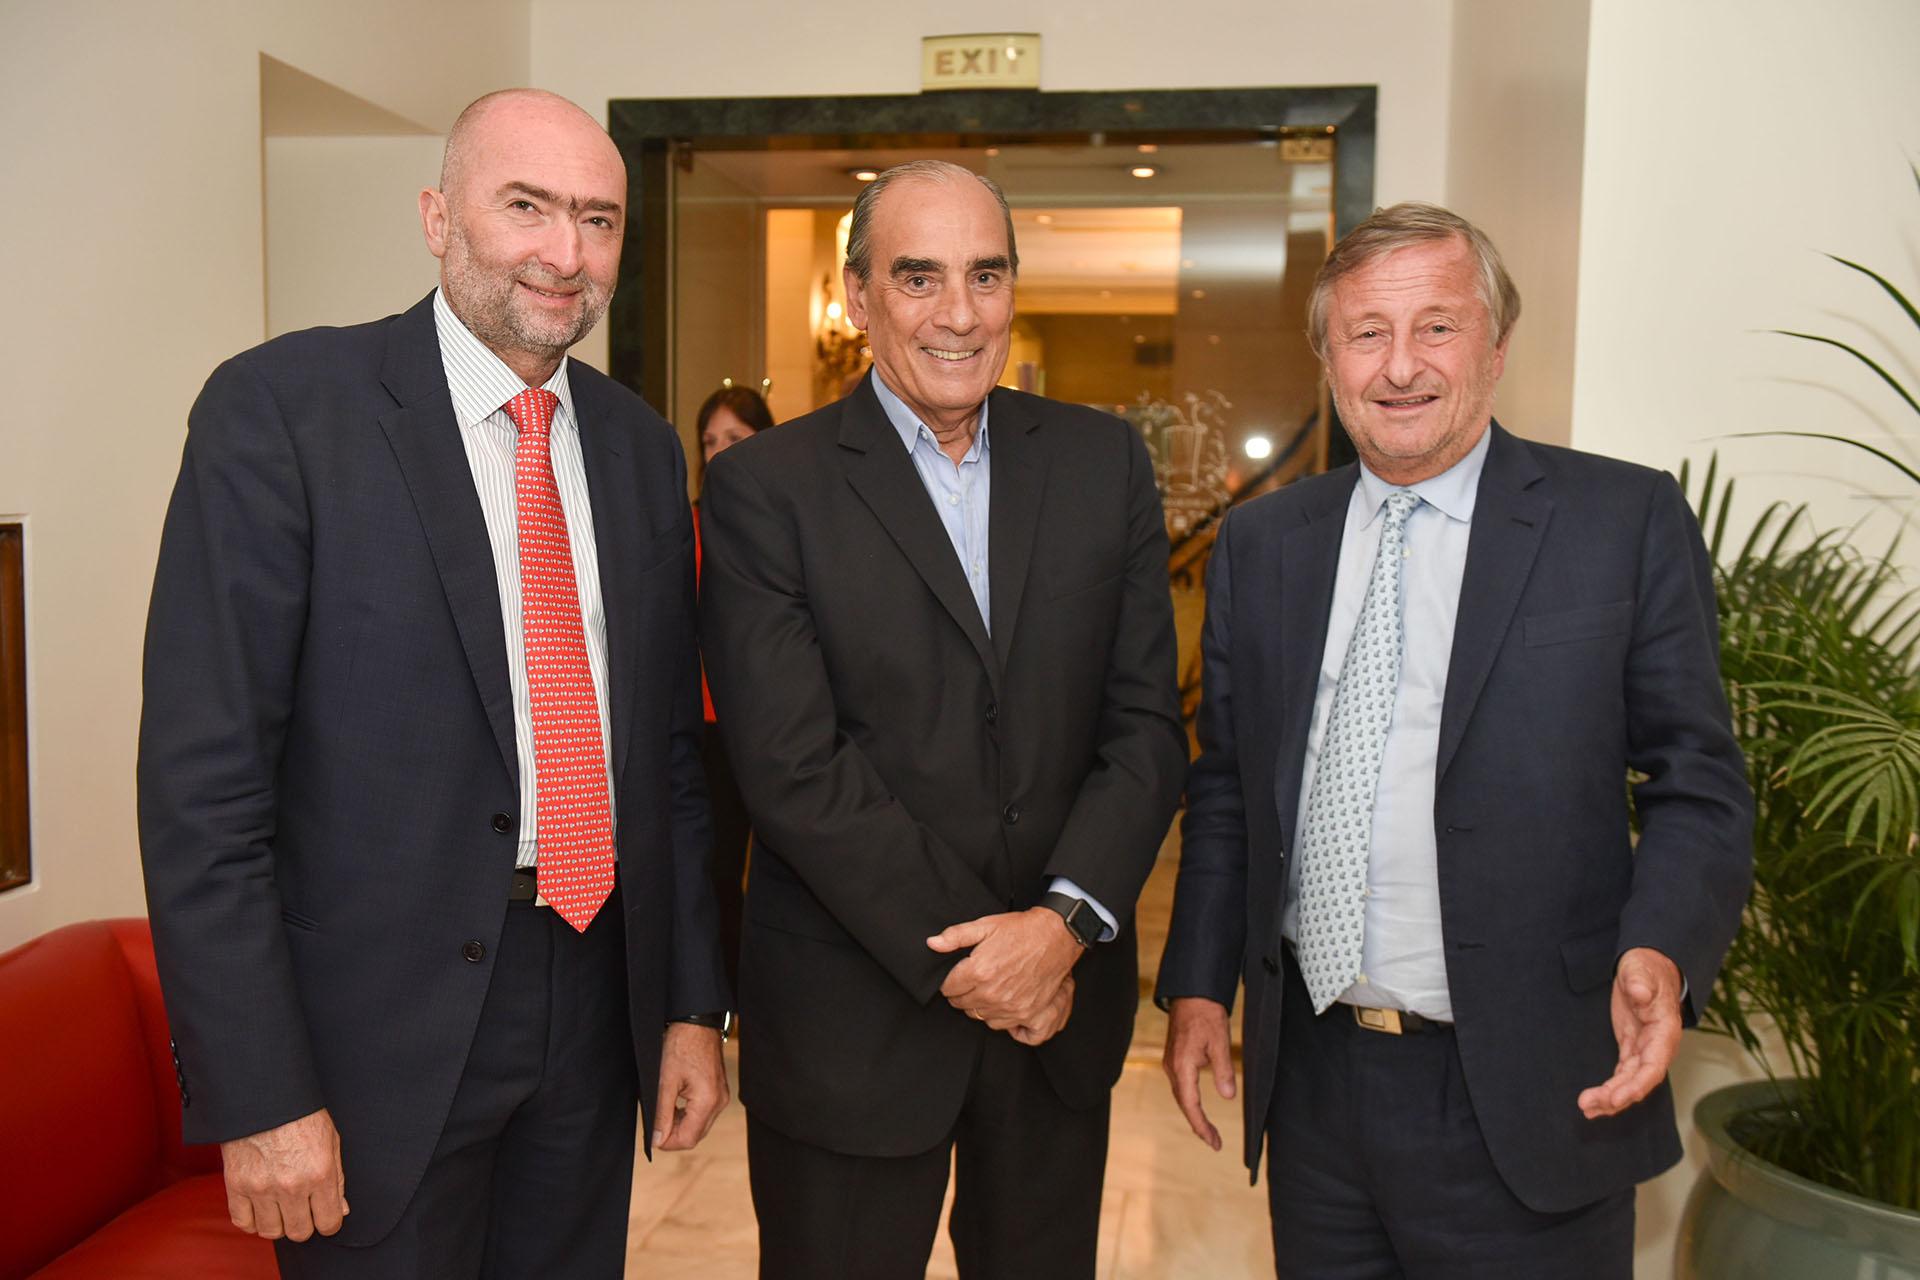 El empresario Gustavo Cinosi, Guillermo Francos (presidente del banco digital Wanap) y Cristiano Rattazzi